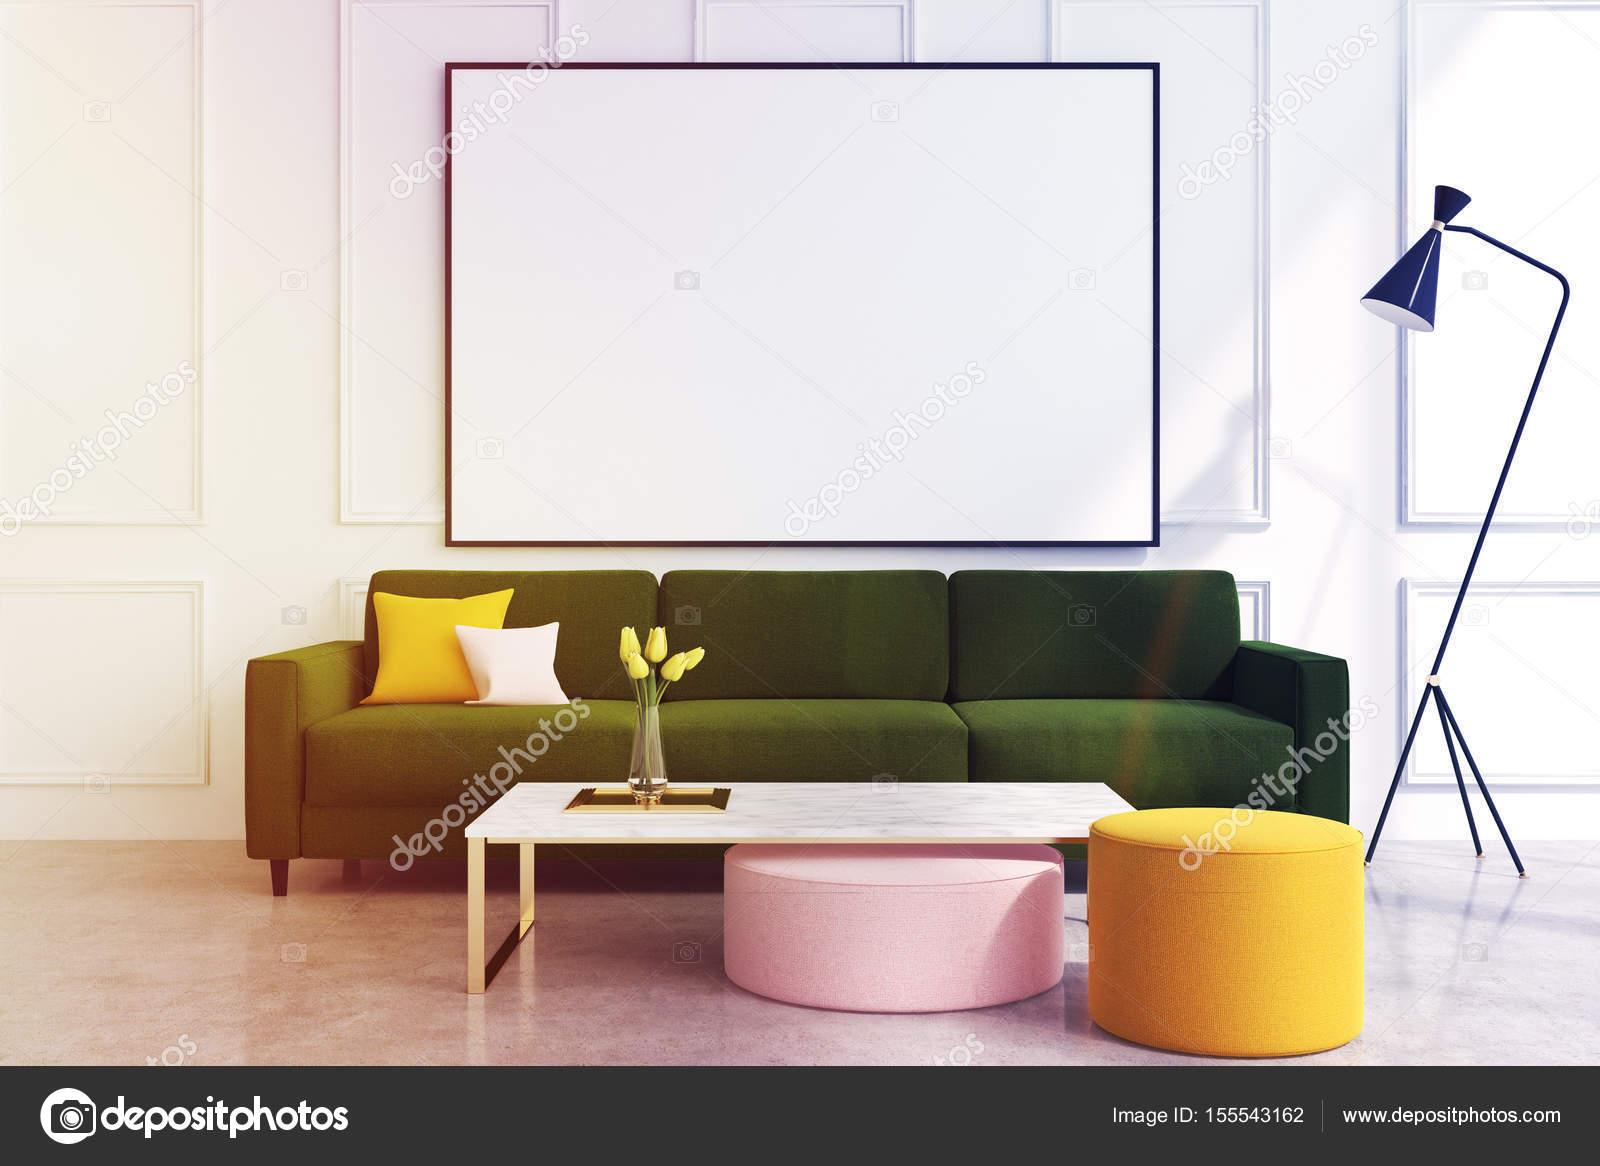 Sofa im weißen Wohnzimmer, grün getönt — Stockfoto © denisismagilov ...